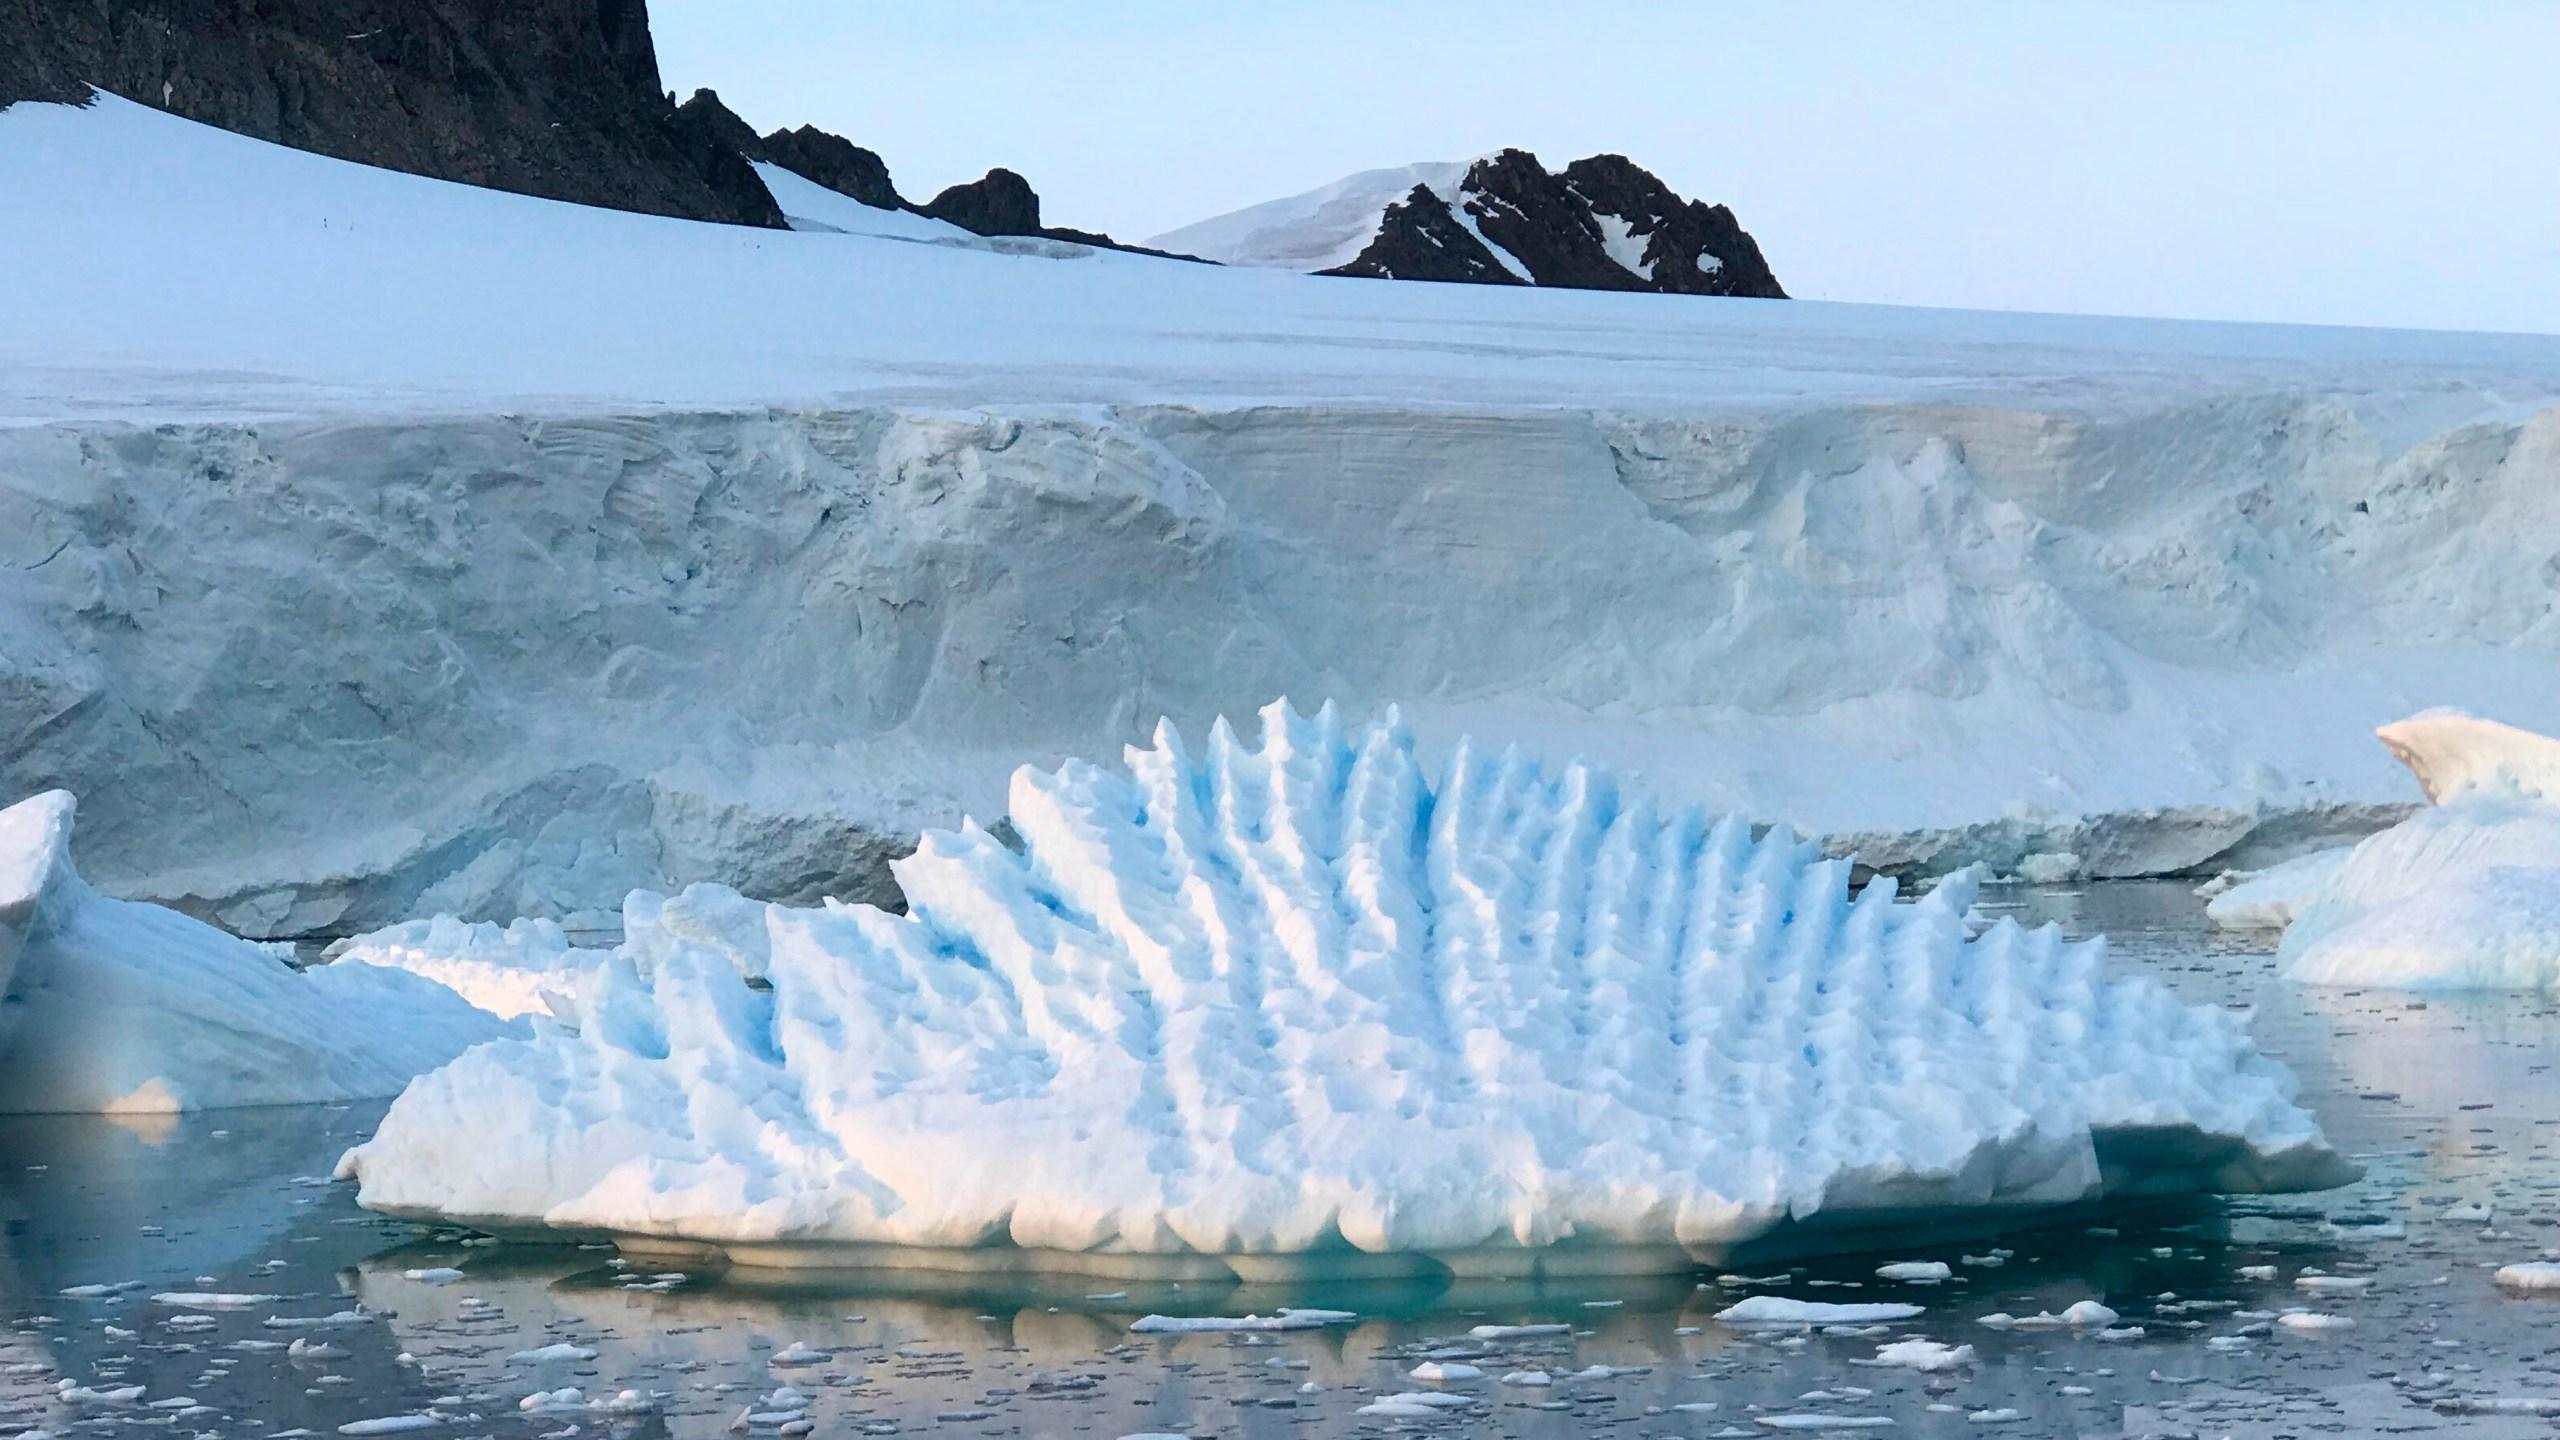 Melting_Antarctica_20373-159532.jpg46792451